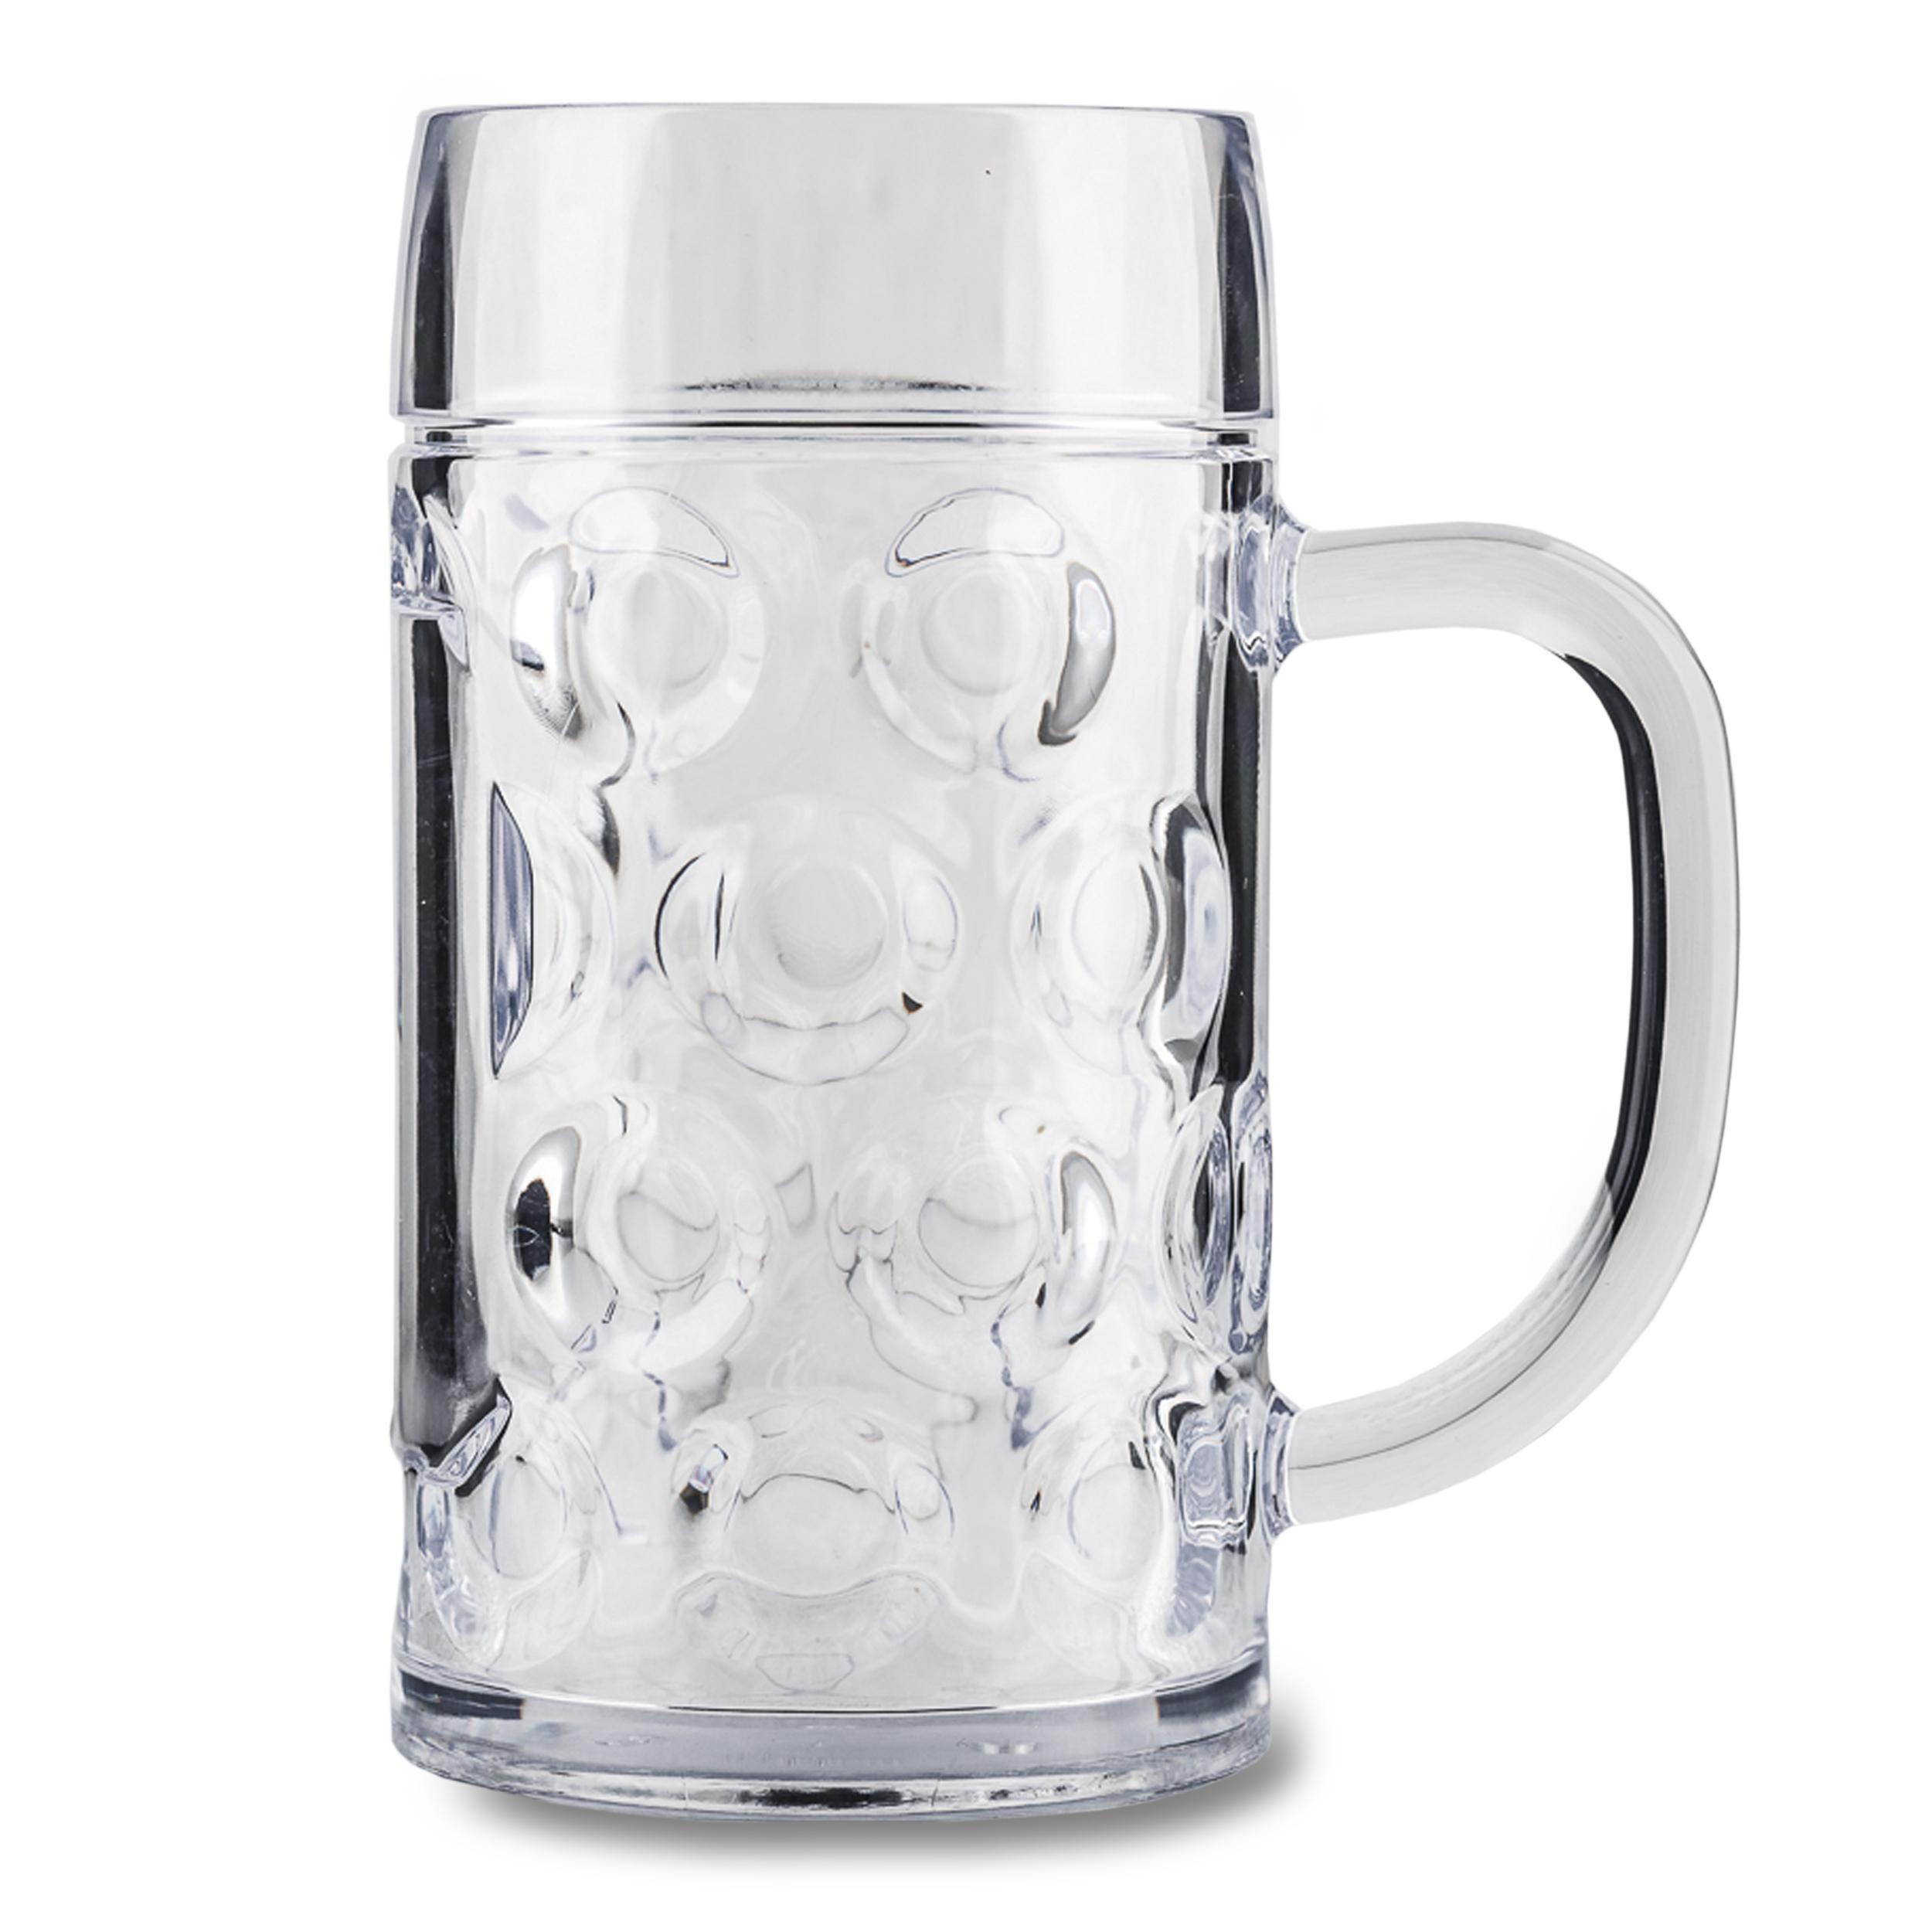 Bierkrug Kunststoff 0,5 L inkl. Deckel